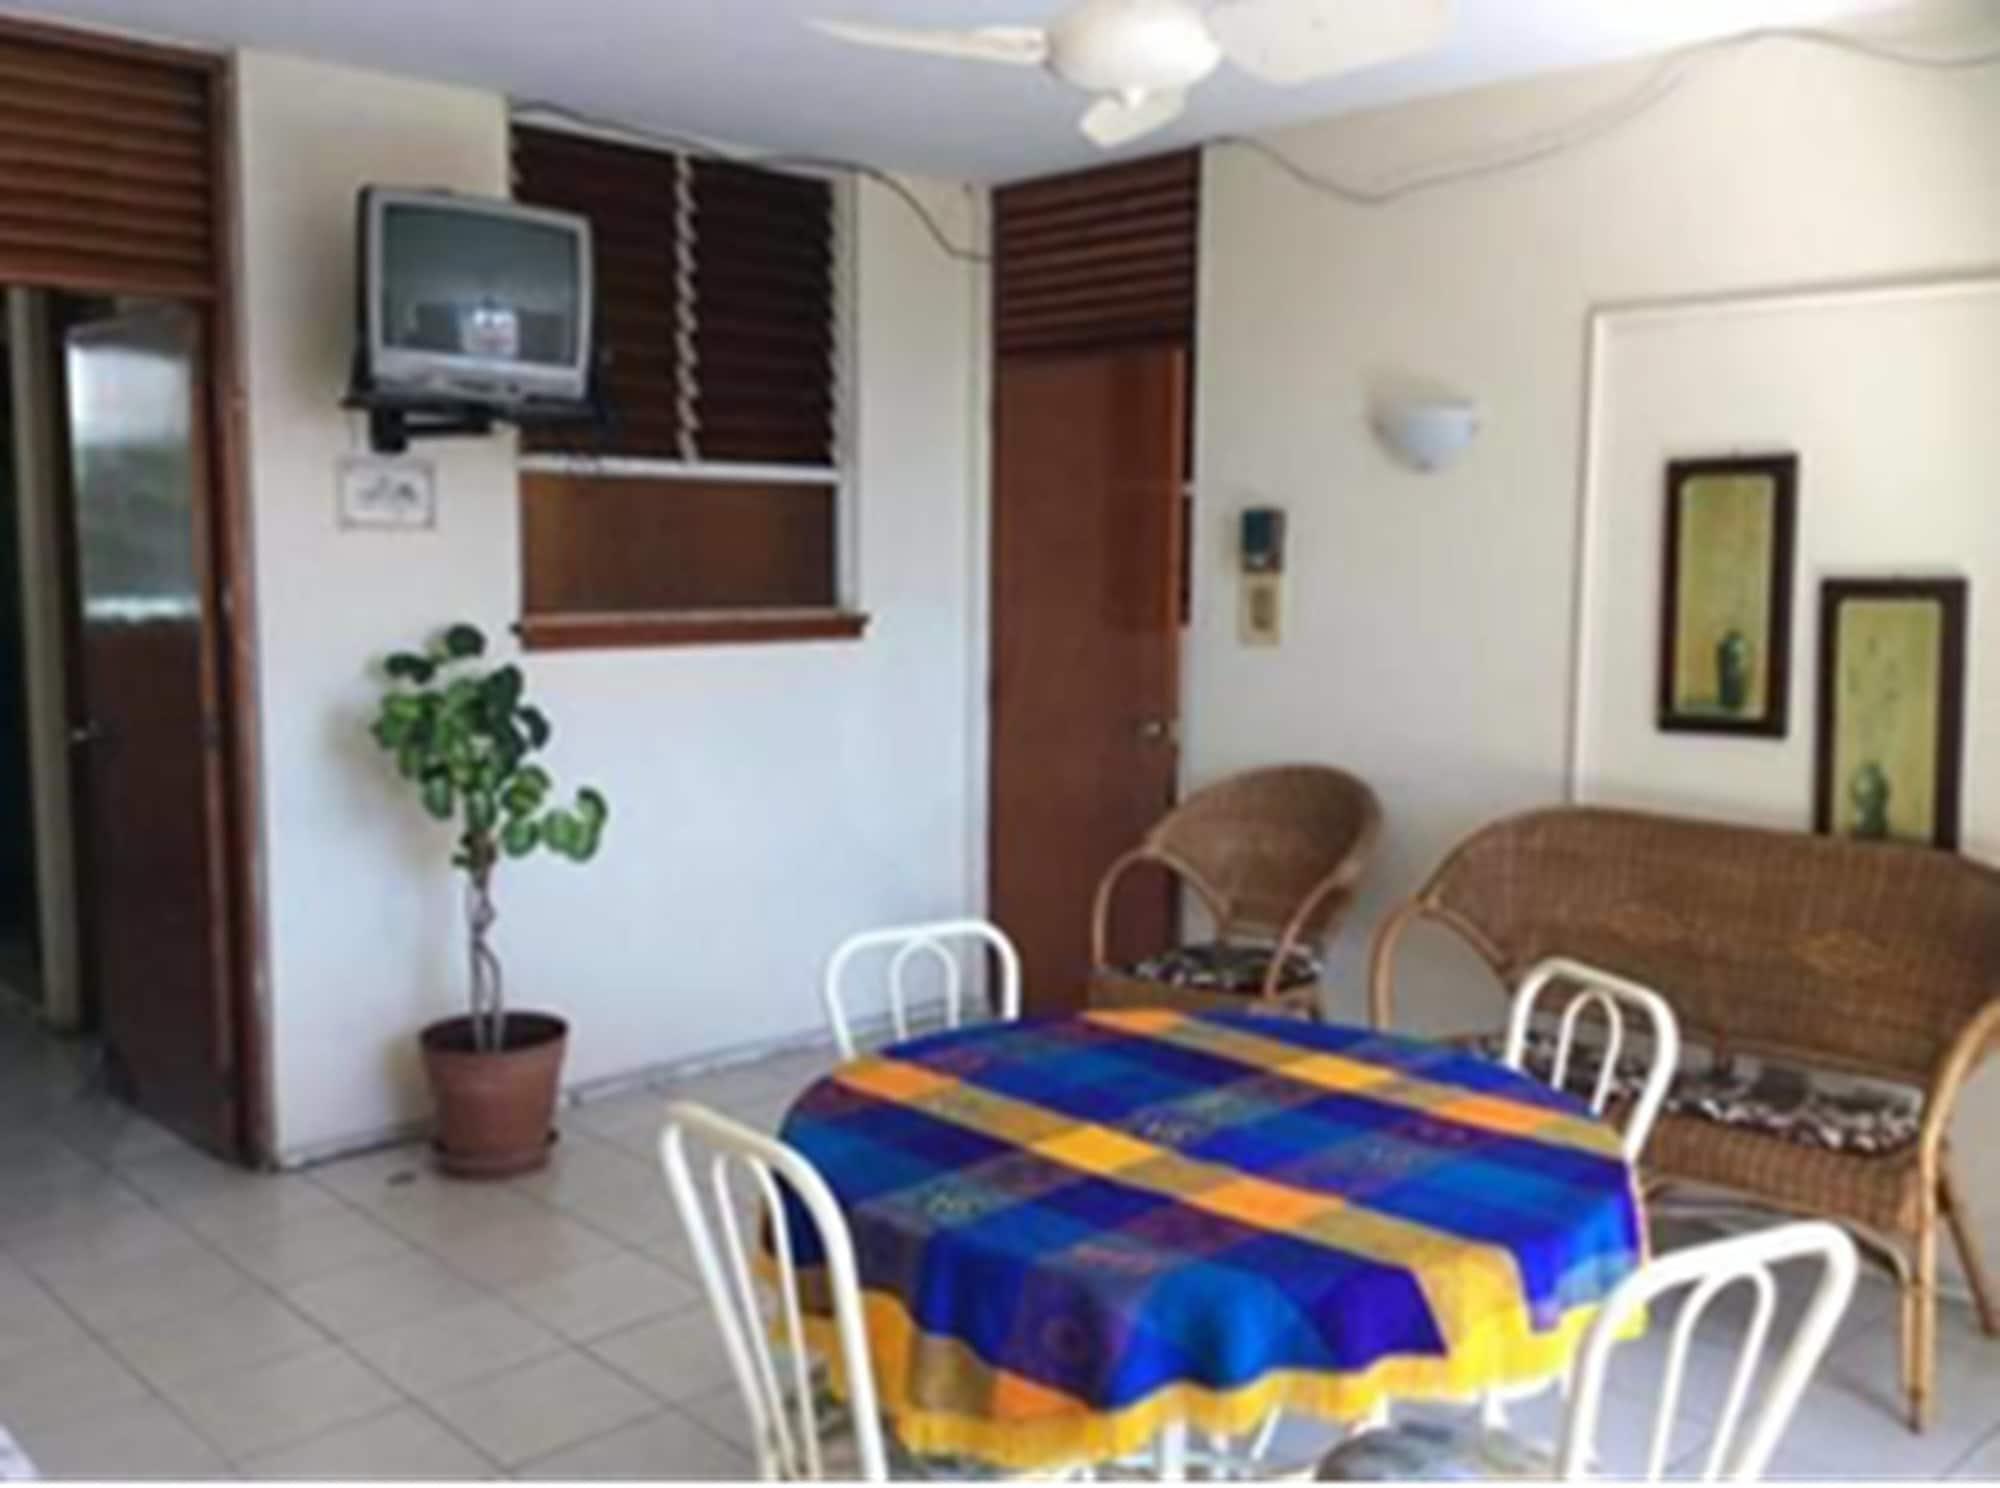 Hotel Suites Licha Acapulco, Acapulco de Juárez